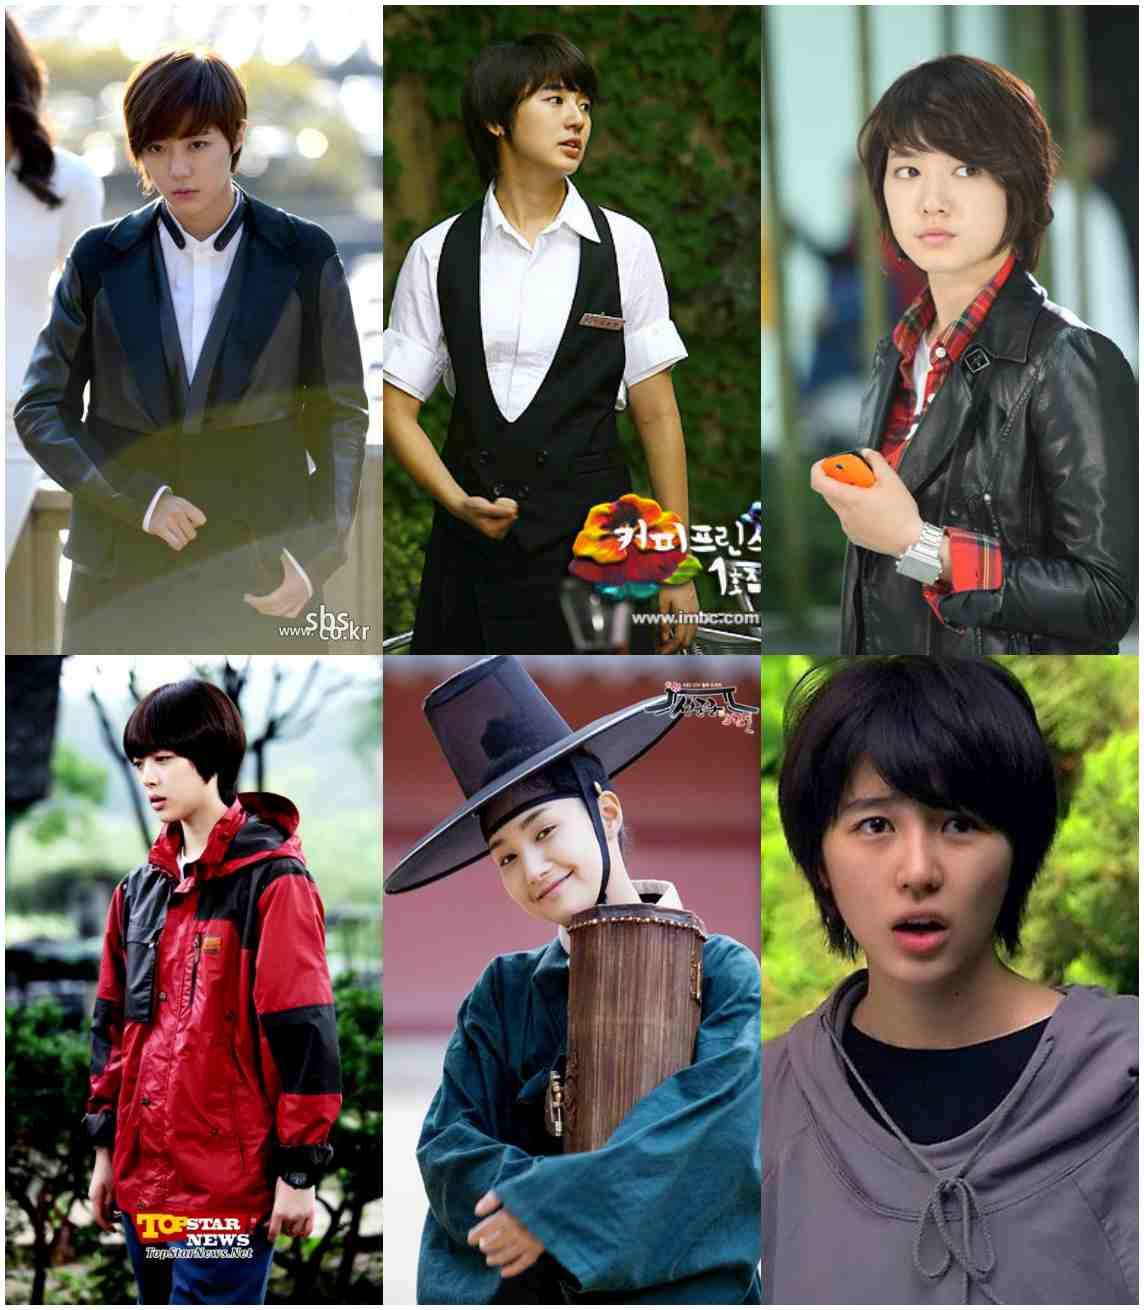 Daftar Aktris Korea yang Melakukan Peran Cross Dressing, Siapakah yang Tertampan?